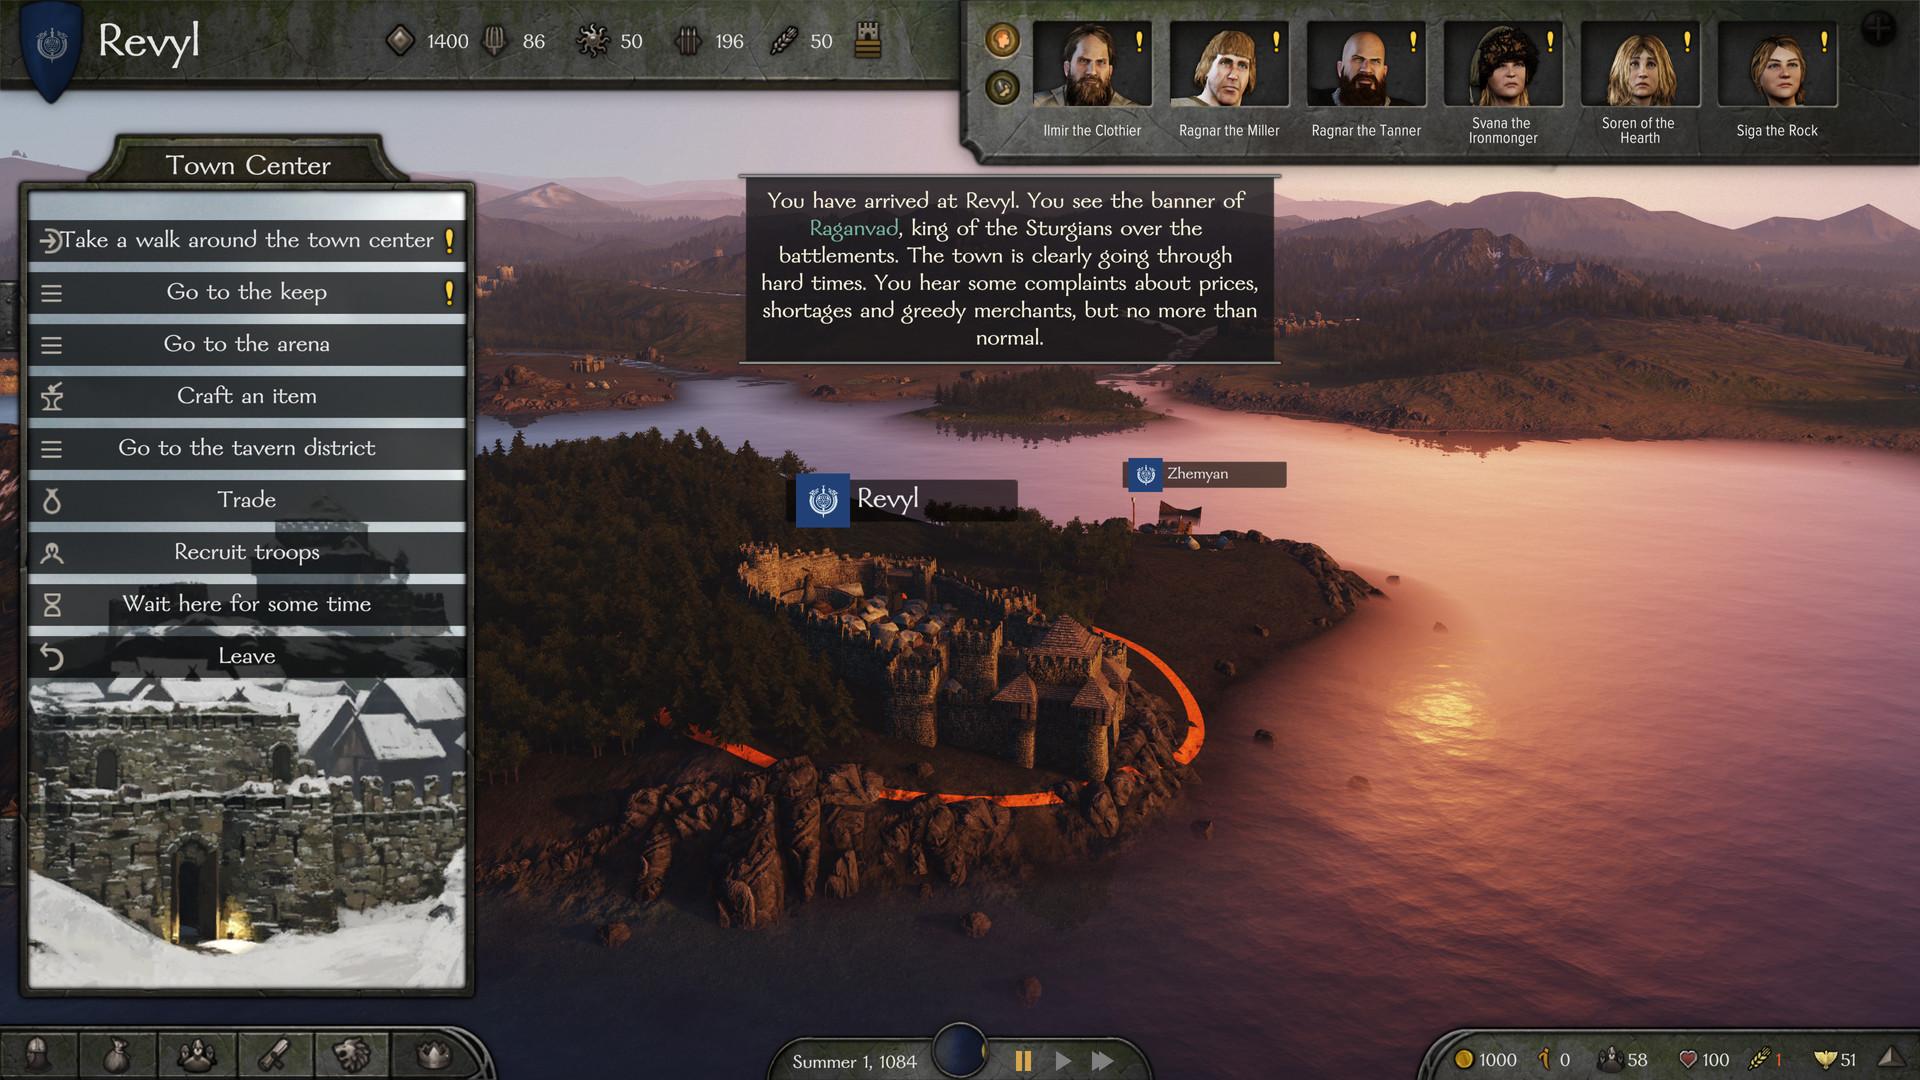 Toda la información sobre Mount & Blade 2: Bannerlord ¡Ya traducido! Ss_46001a8b057283bdaa99ade57dfa6e5a2d29f66f.1920x1080